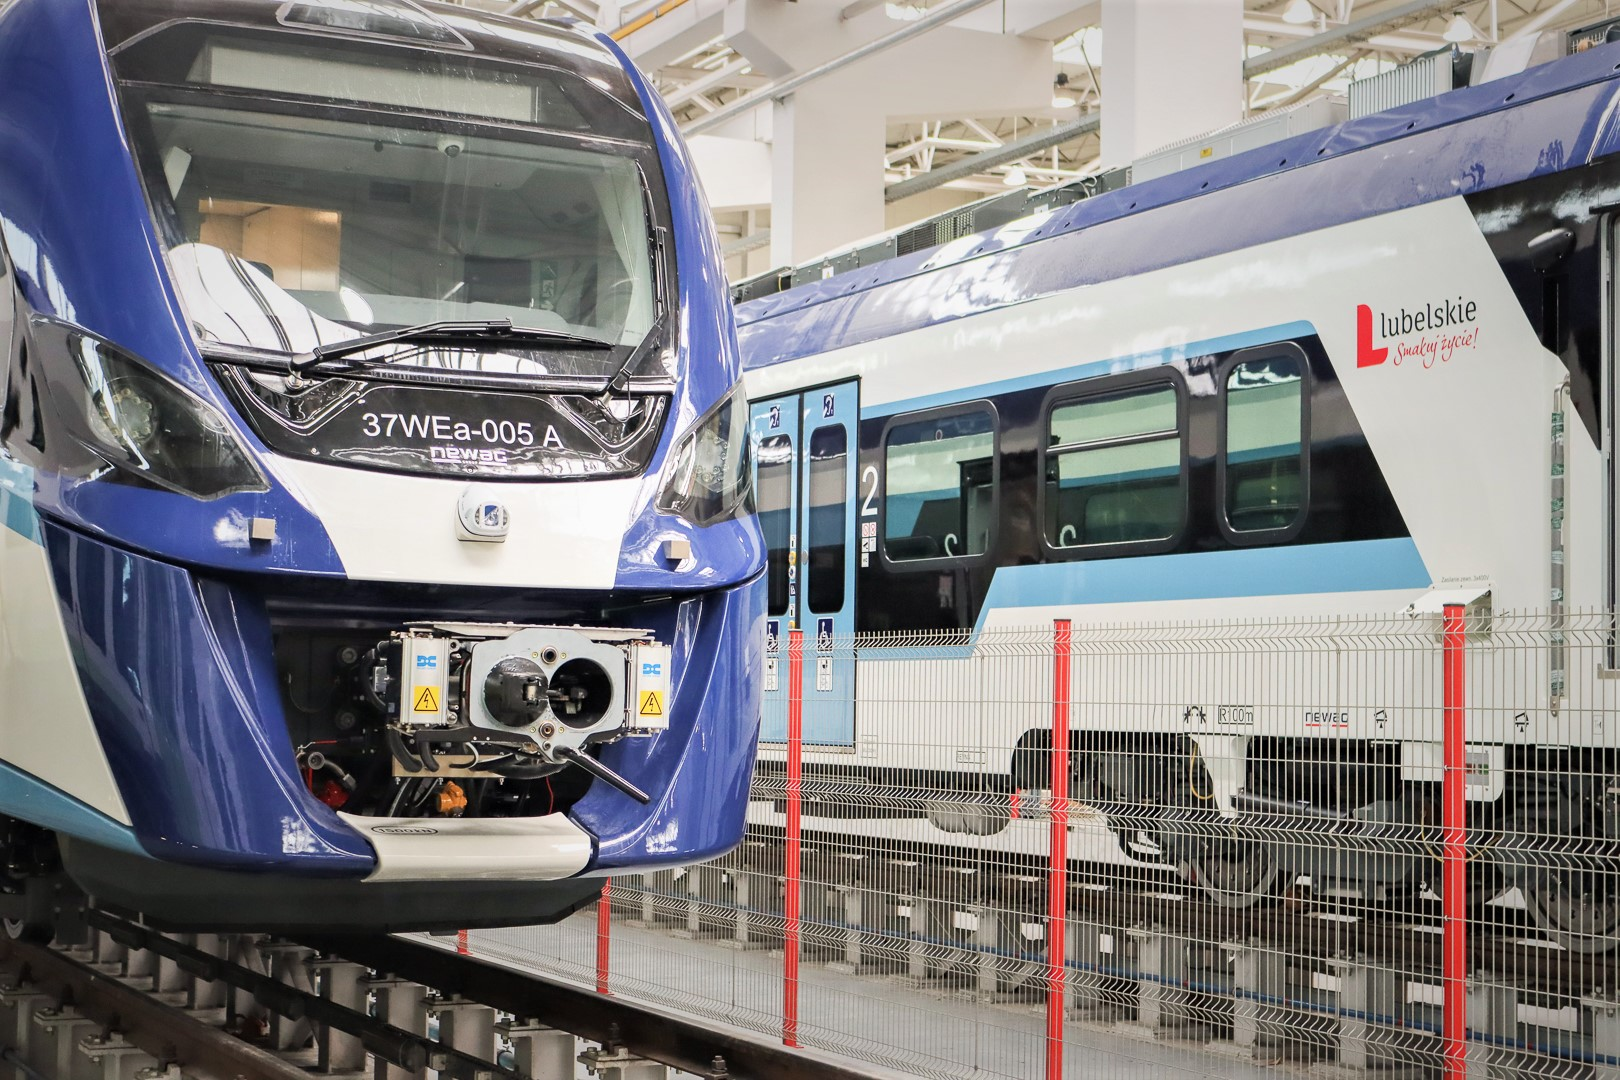 20210622 5 elektryczny zespol trakcyjny typ 37wea seria impuls 2 Nowe pociągi dla Lubelskiego